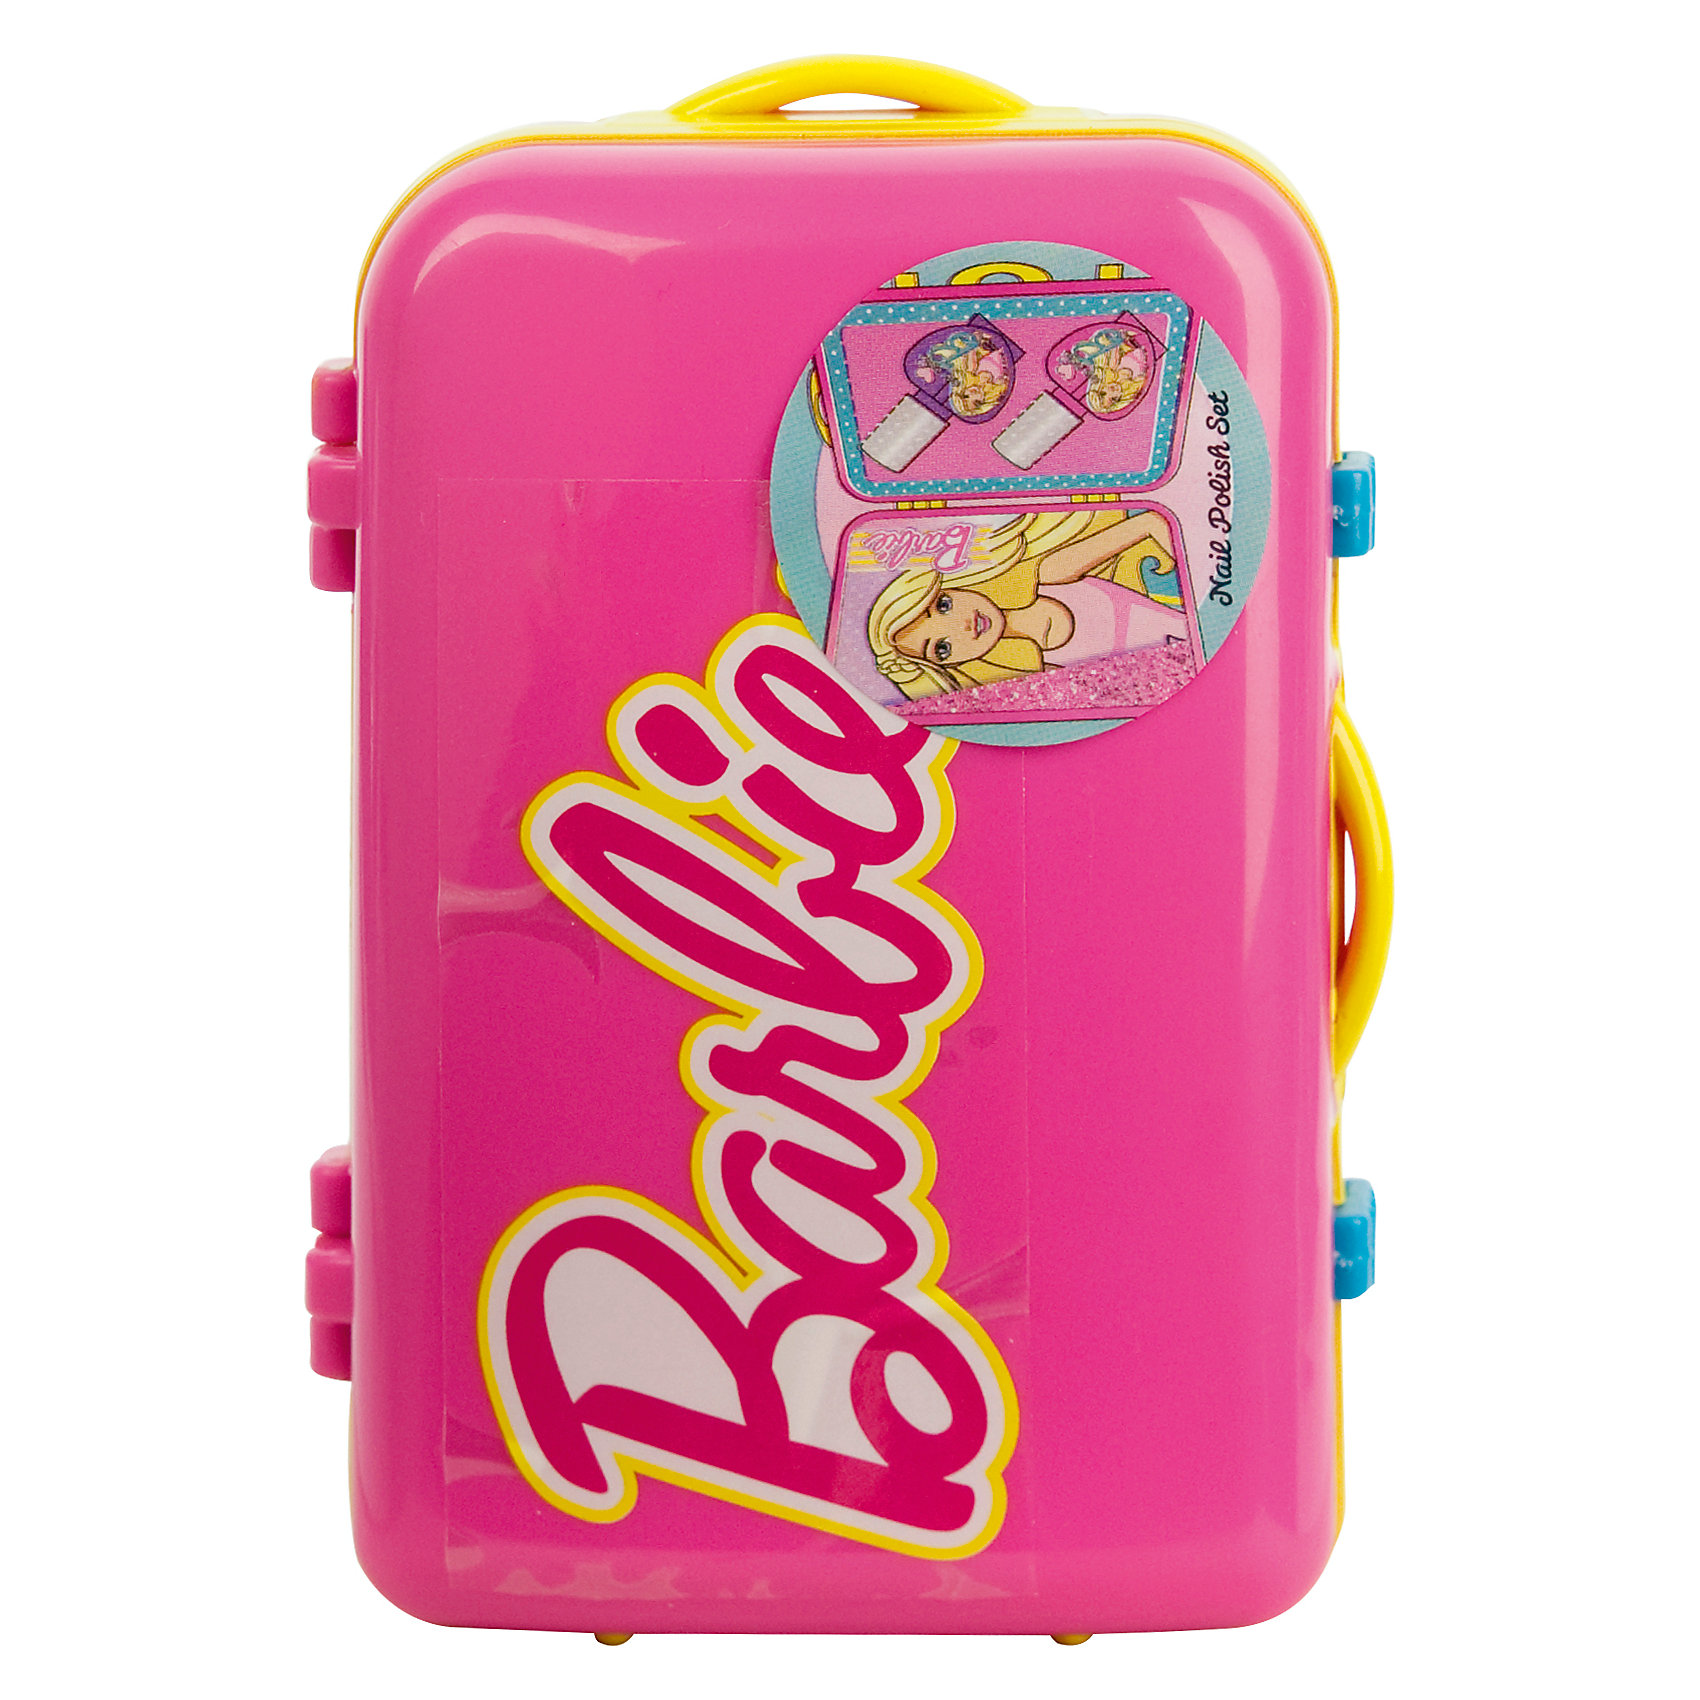 Набор косметики для ногтей Barbie в чемоданчике, розовыйКосметика, грим и парфюмерия<br>Характеристики:<br><br>• Наименование: детская декоративная косметика<br>• Предназначение: для сюжетно-ролевых игр<br>• Серия: Barbie<br>• Пол: для девочки<br>• Материал: натуральные косметические компоненты, пластик<br>• Цвет: в ассортименте<br>• Комплектация: 2 лака для ногтей<br>• Размеры (Д*Ш*В): 11*7*5 см<br>• Вес: 90 г <br>• Упаковка: пластиковый чемоданчик с ручками<br><br>Игровой набор детской декоративной косметики в розовом чемоданчике, Barbie – это набор игровой детской косметики от Markwins, которая вот уже несколько десятилетий специализируется на выпуске детской косметики. Рецептура декоративной детской косметики разработана совместно с косметологами и медиками, в основе рецептуры – водная основа, а потому она гипоаллергенны, не вызывает раздражений на детской коже и легко смывается, не оставляя следа. Безопасность продукции подтверждена международными сертификатами качества и безопасности. <br>Игровой набор детской декоративной косметики состоит из двух оттенков лака для ногтей на водной основе. Косметические средства, входящие в состав набора, имеют длительный срок хранения – 12 месяцев. Набор выполнен в брендовом дизайне популярной серии Barbie, упакован в шкатулку в виде дорожного чемодана. Игровой набор детской декоративной косметики от Markwins может стать незаменимым праздничным подарком для любой маленькой модницы!<br><br>Игровой набор детской декоративной косметики в розовом чемоданчике, Barbie можно купить в нашем интернет-магазине.<br><br>Ширина мм: 32<br>Глубина мм: 95<br>Высота мм: 63<br>Вес г: 110<br>Возраст от месяцев: 48<br>Возраст до месяцев: 120<br>Пол: Женский<br>Возраст: Детский<br>SKU: 5124698